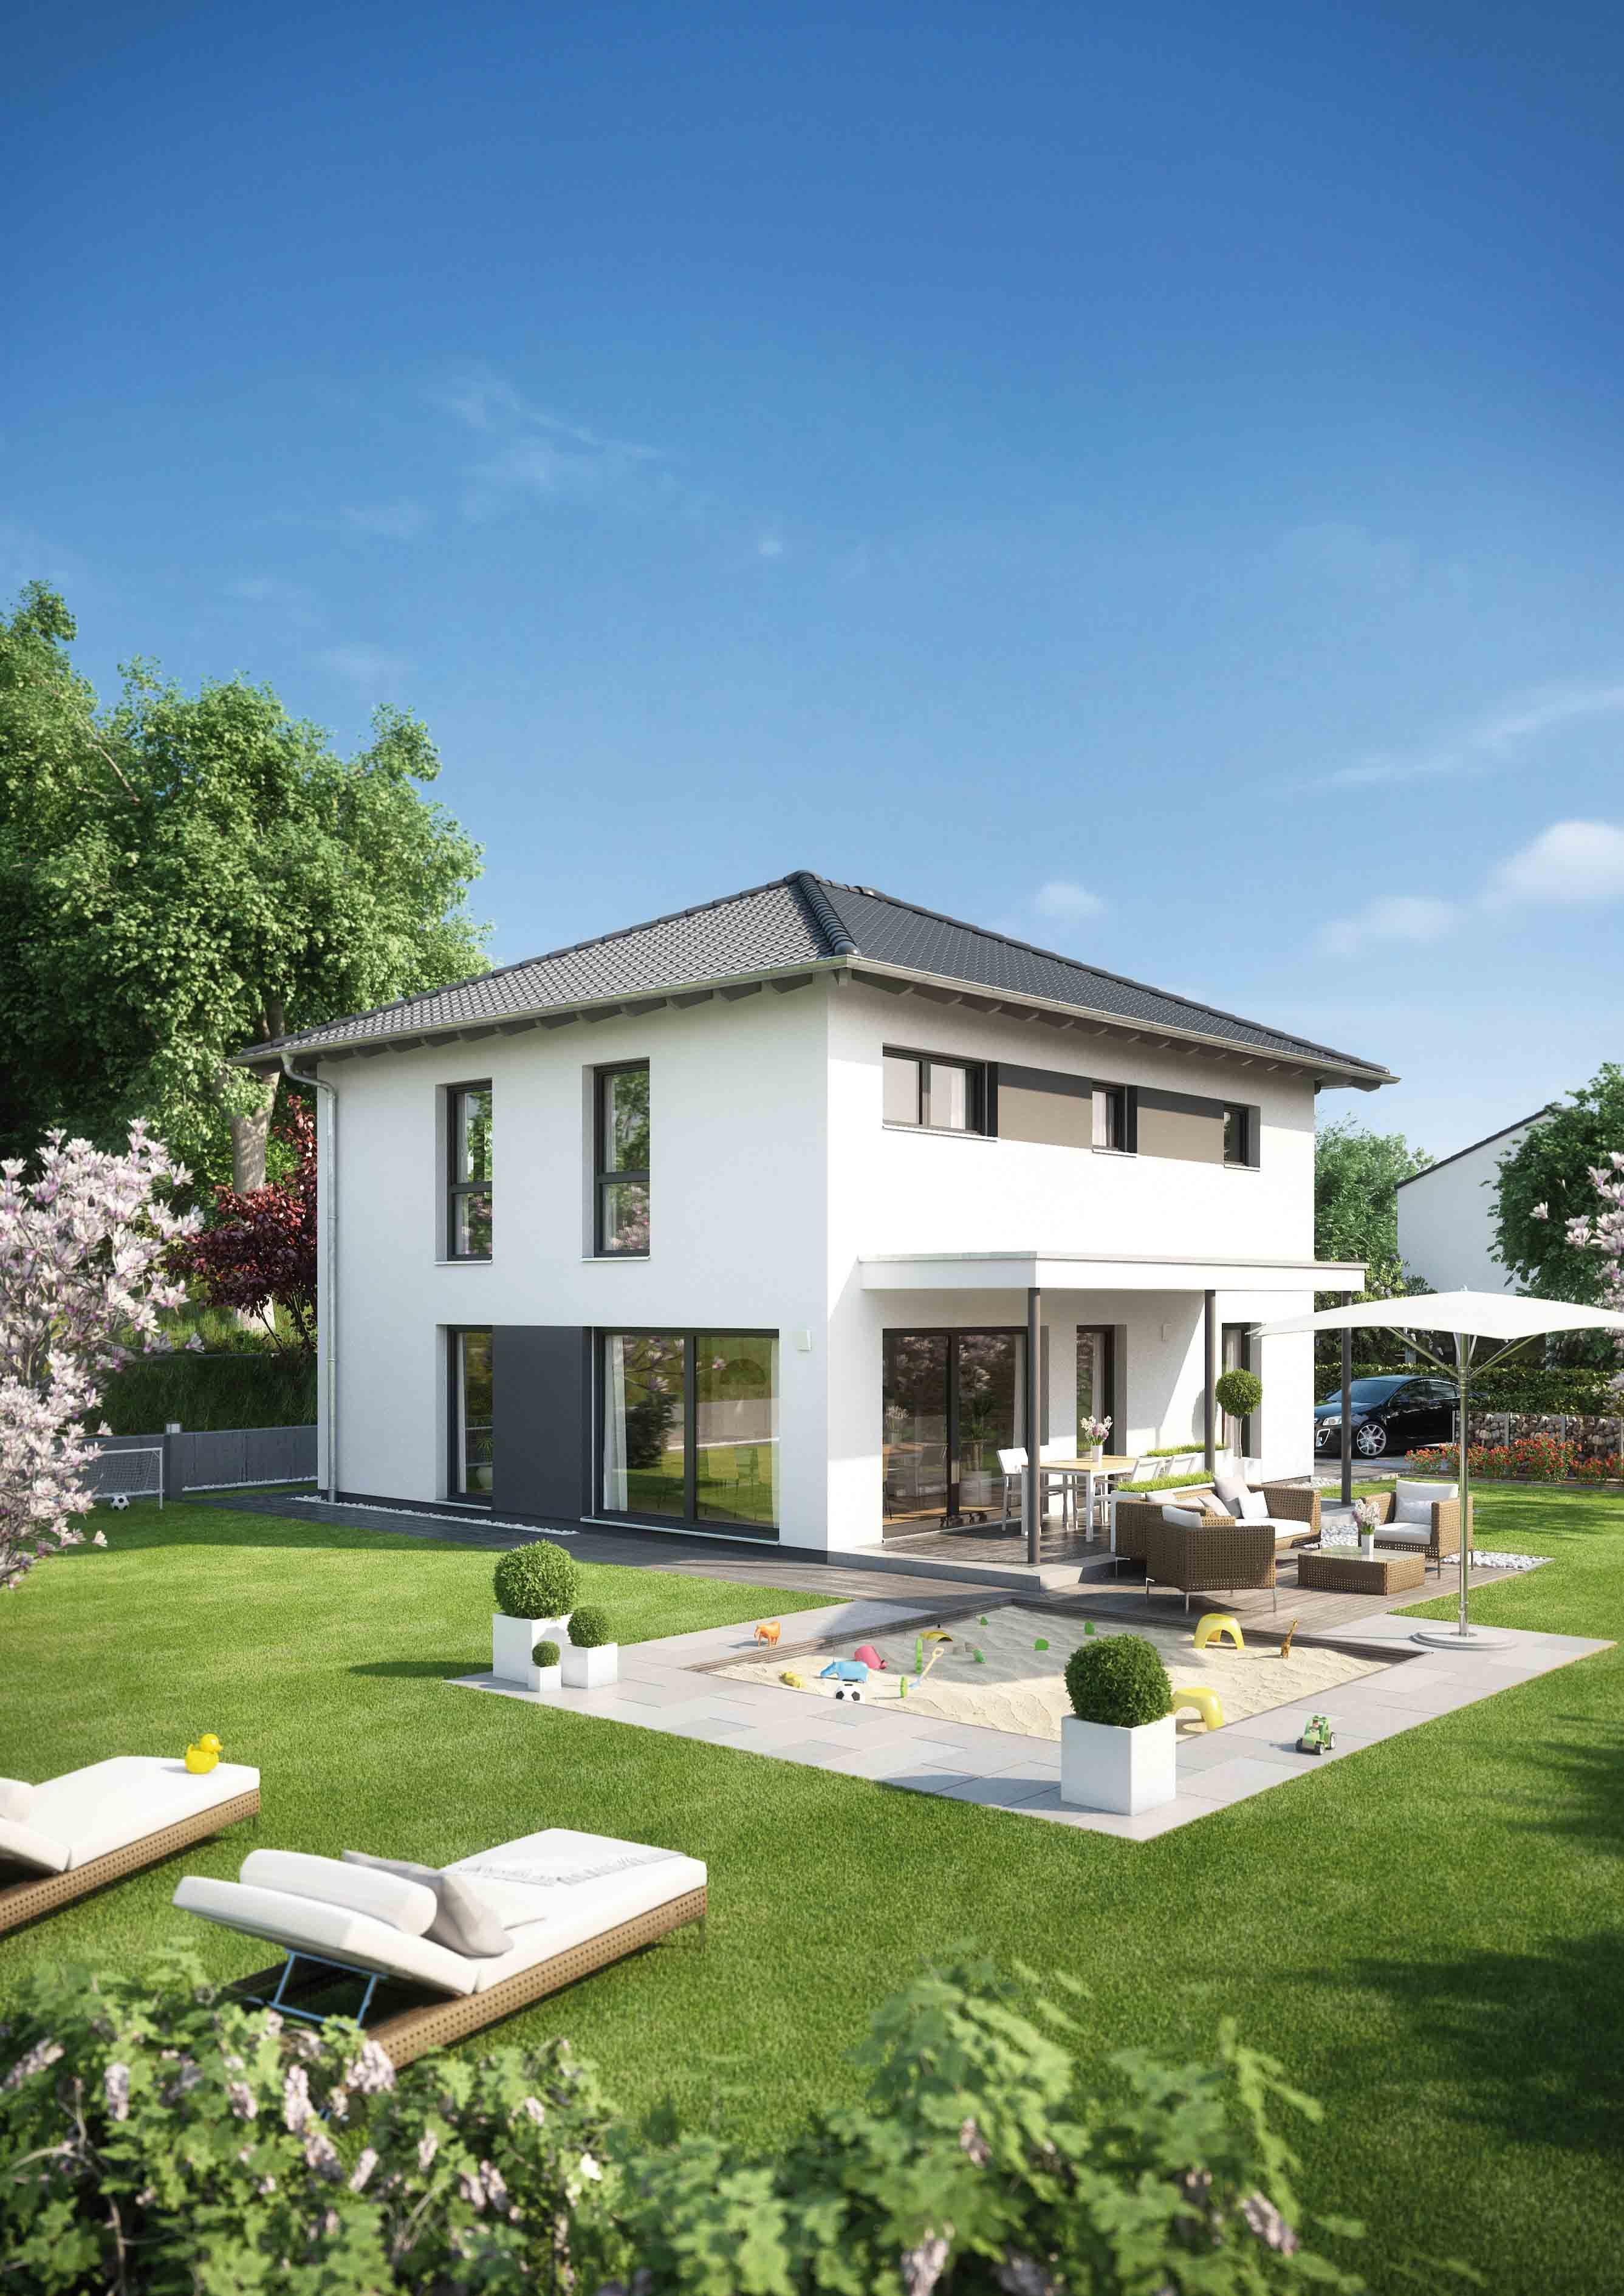 Fertighaus Medley 3 0 200 B Mit Walmdach Von Fingerhaus Haus Haus Bauen Walmdach